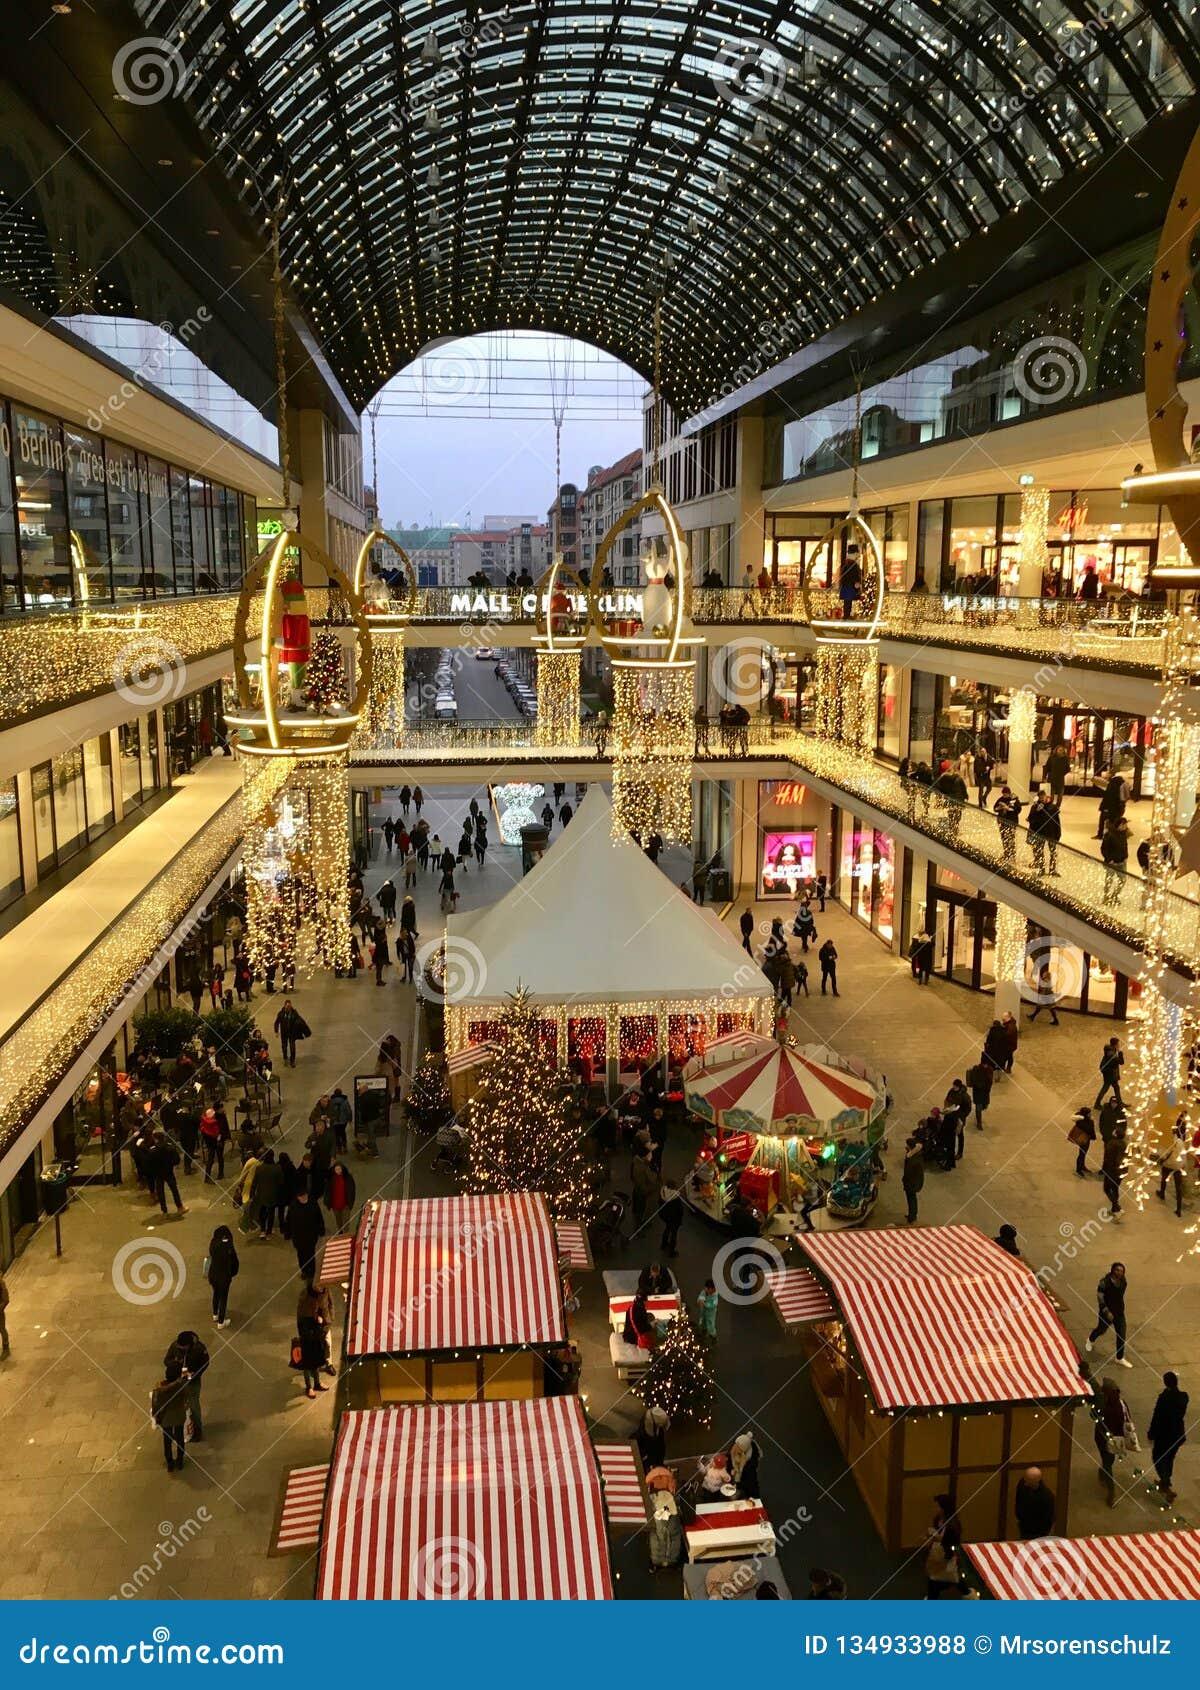 Einkaufen 'Mall von Berlin 'verziert für Weihnachten, beschäftigt mit vielen Käufern und mit Tausenden Lichtern belichtet